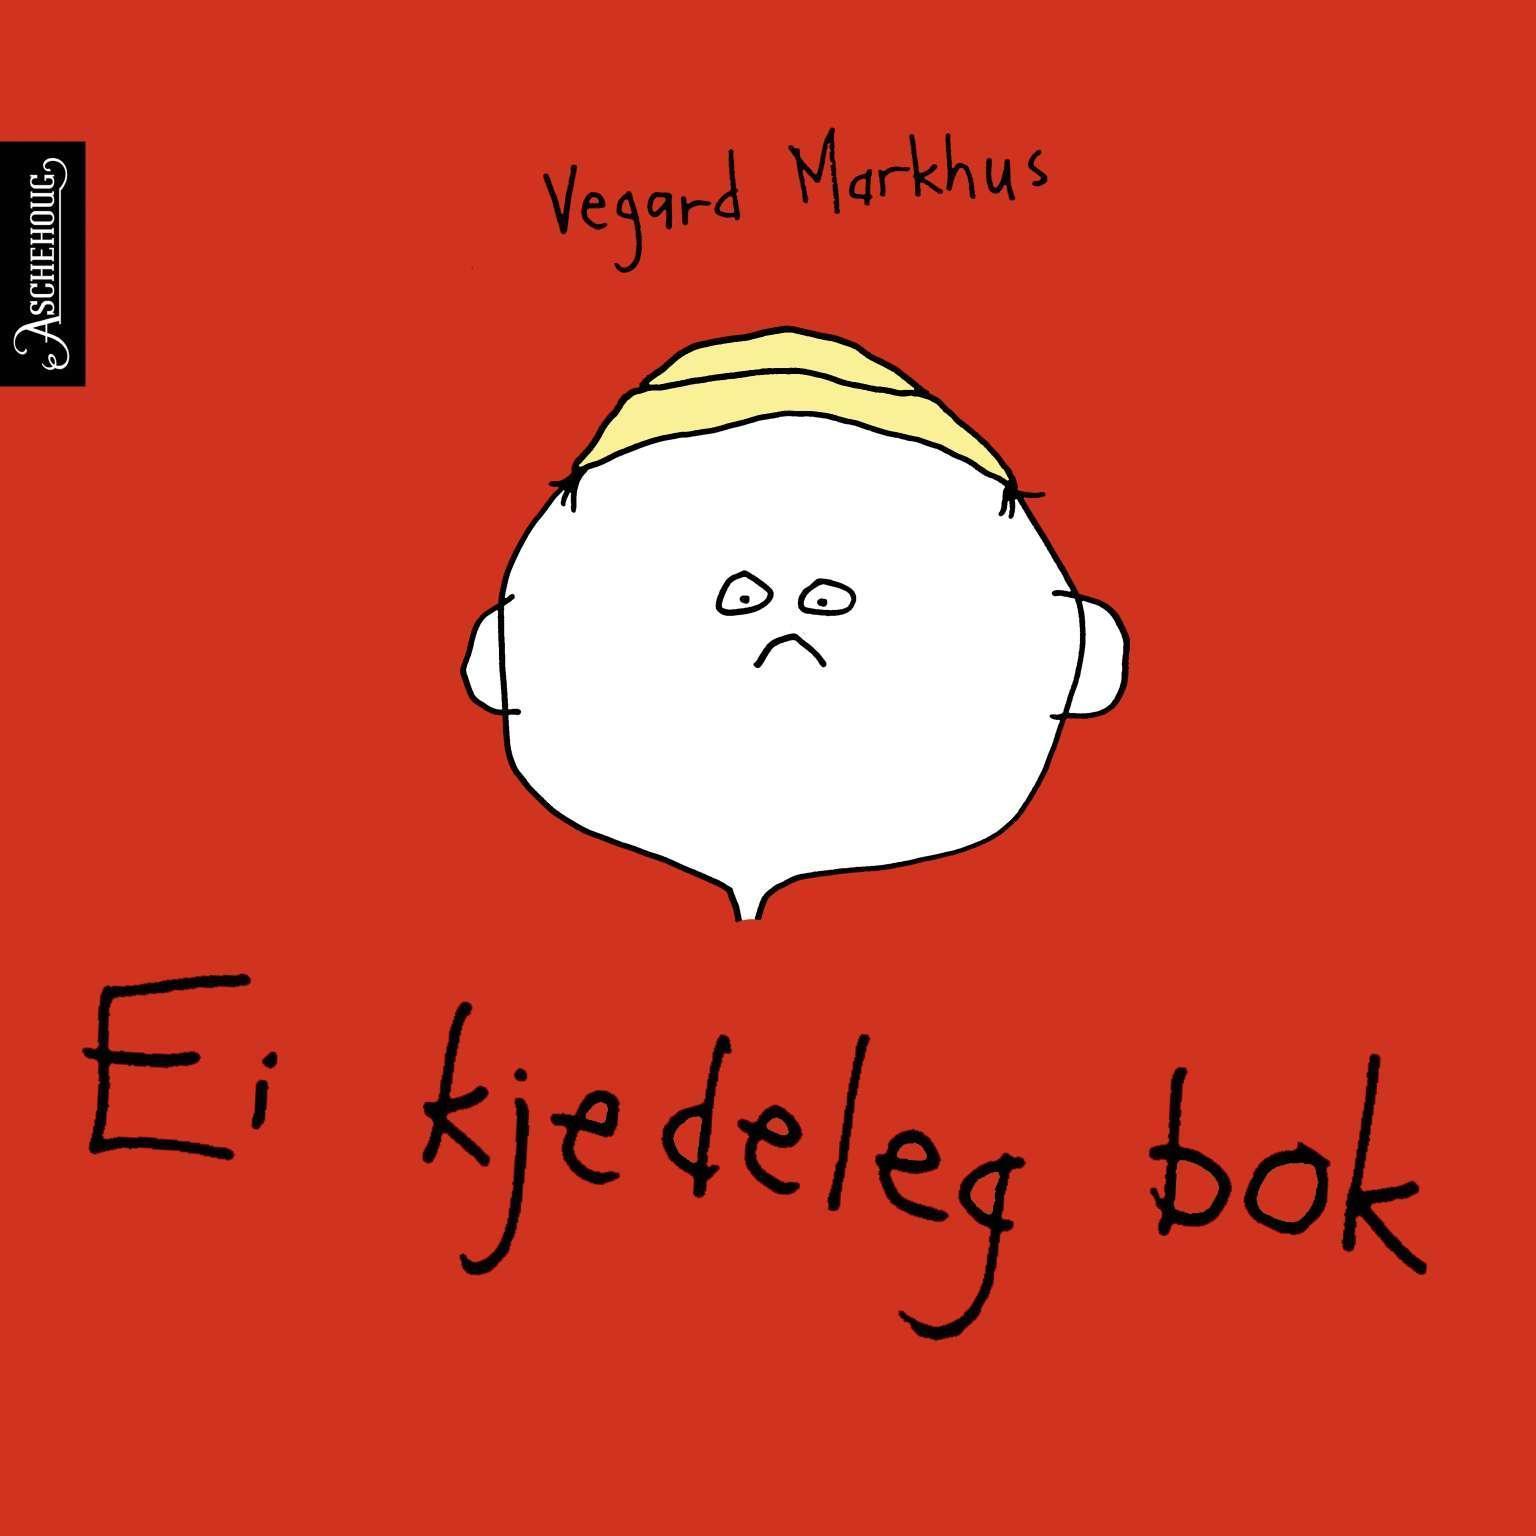 """""""Ei kjedeleg bok"""" av Vegard Markhus"""